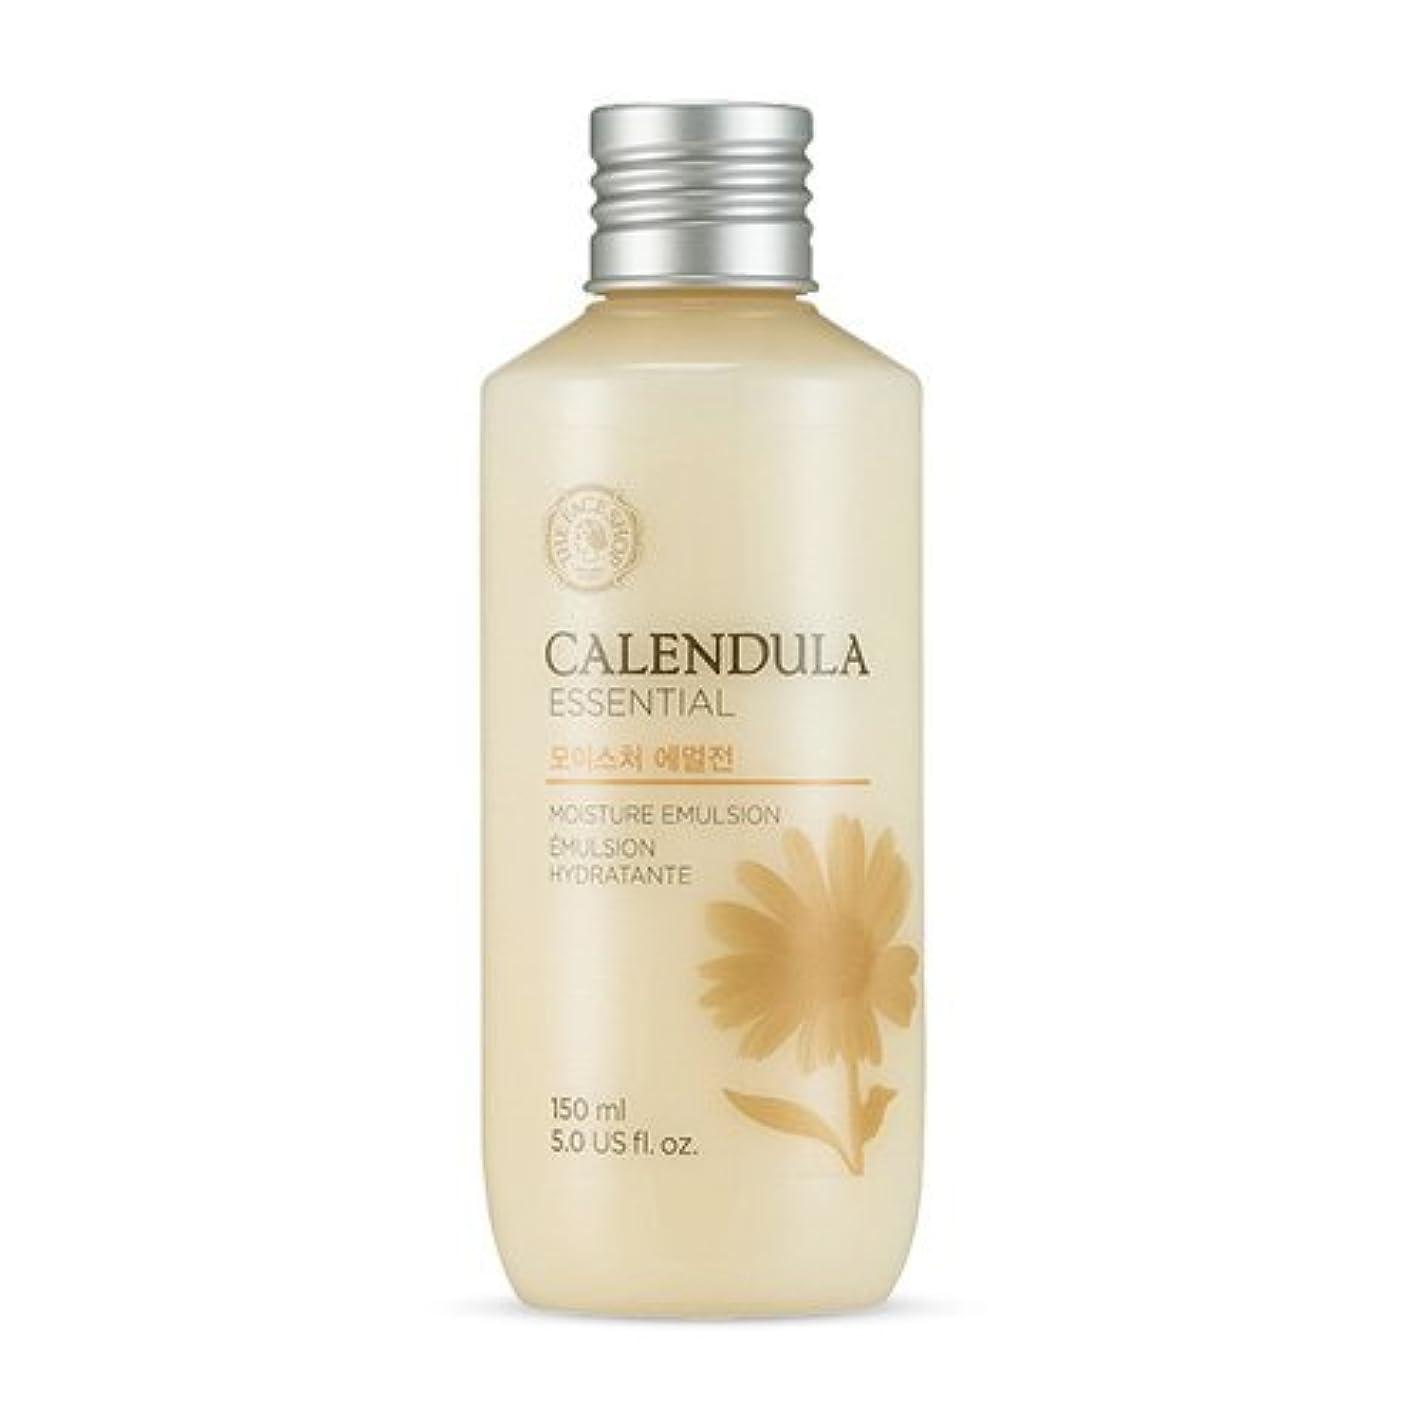 ヒット細心の長さTHE FACE SHOP Calendula Essential Moisture Emulsion 150ml/ザフェイスショップ カレンデュラ エッセンシャル モイスチャー エマルジョン 150ml